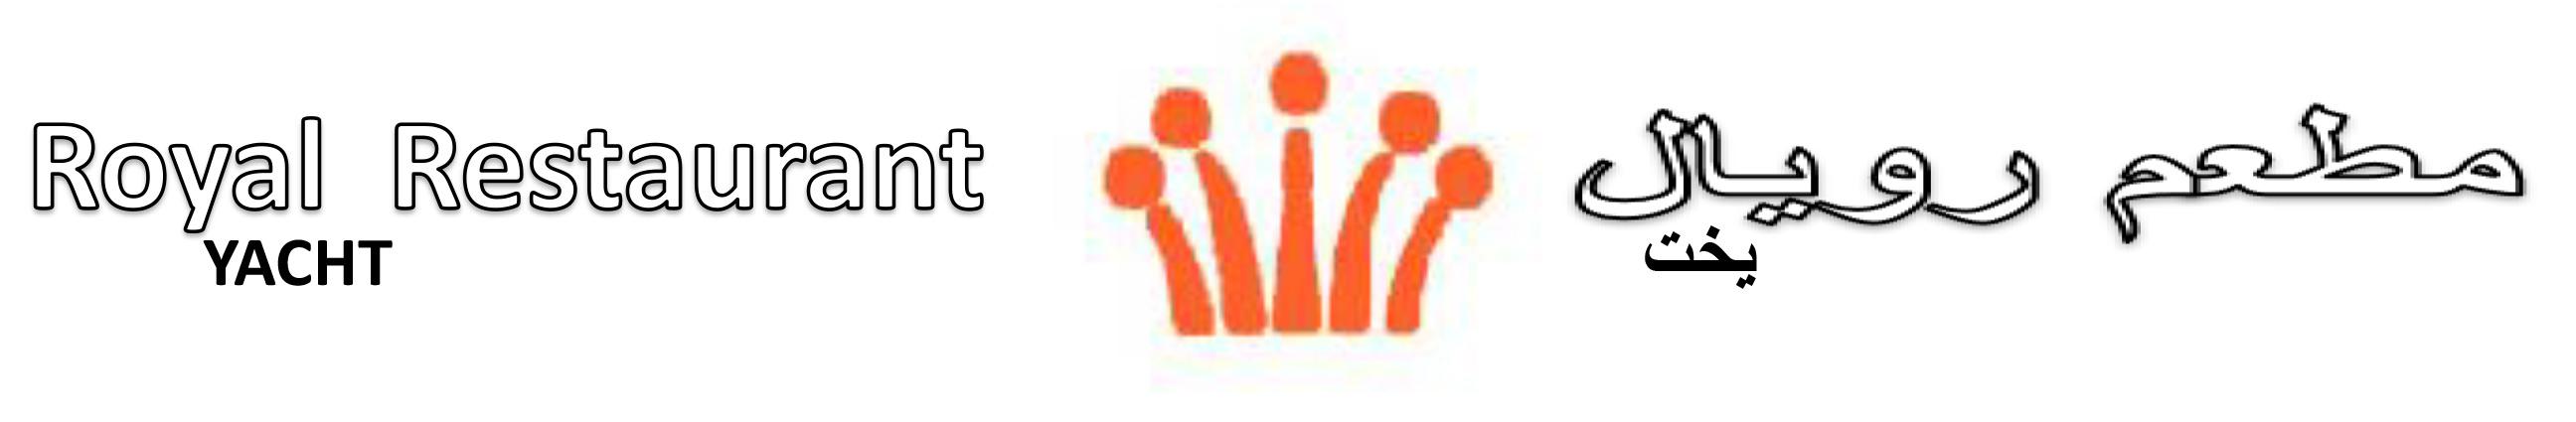 logo-new-royal-yacht-abu-dhabi